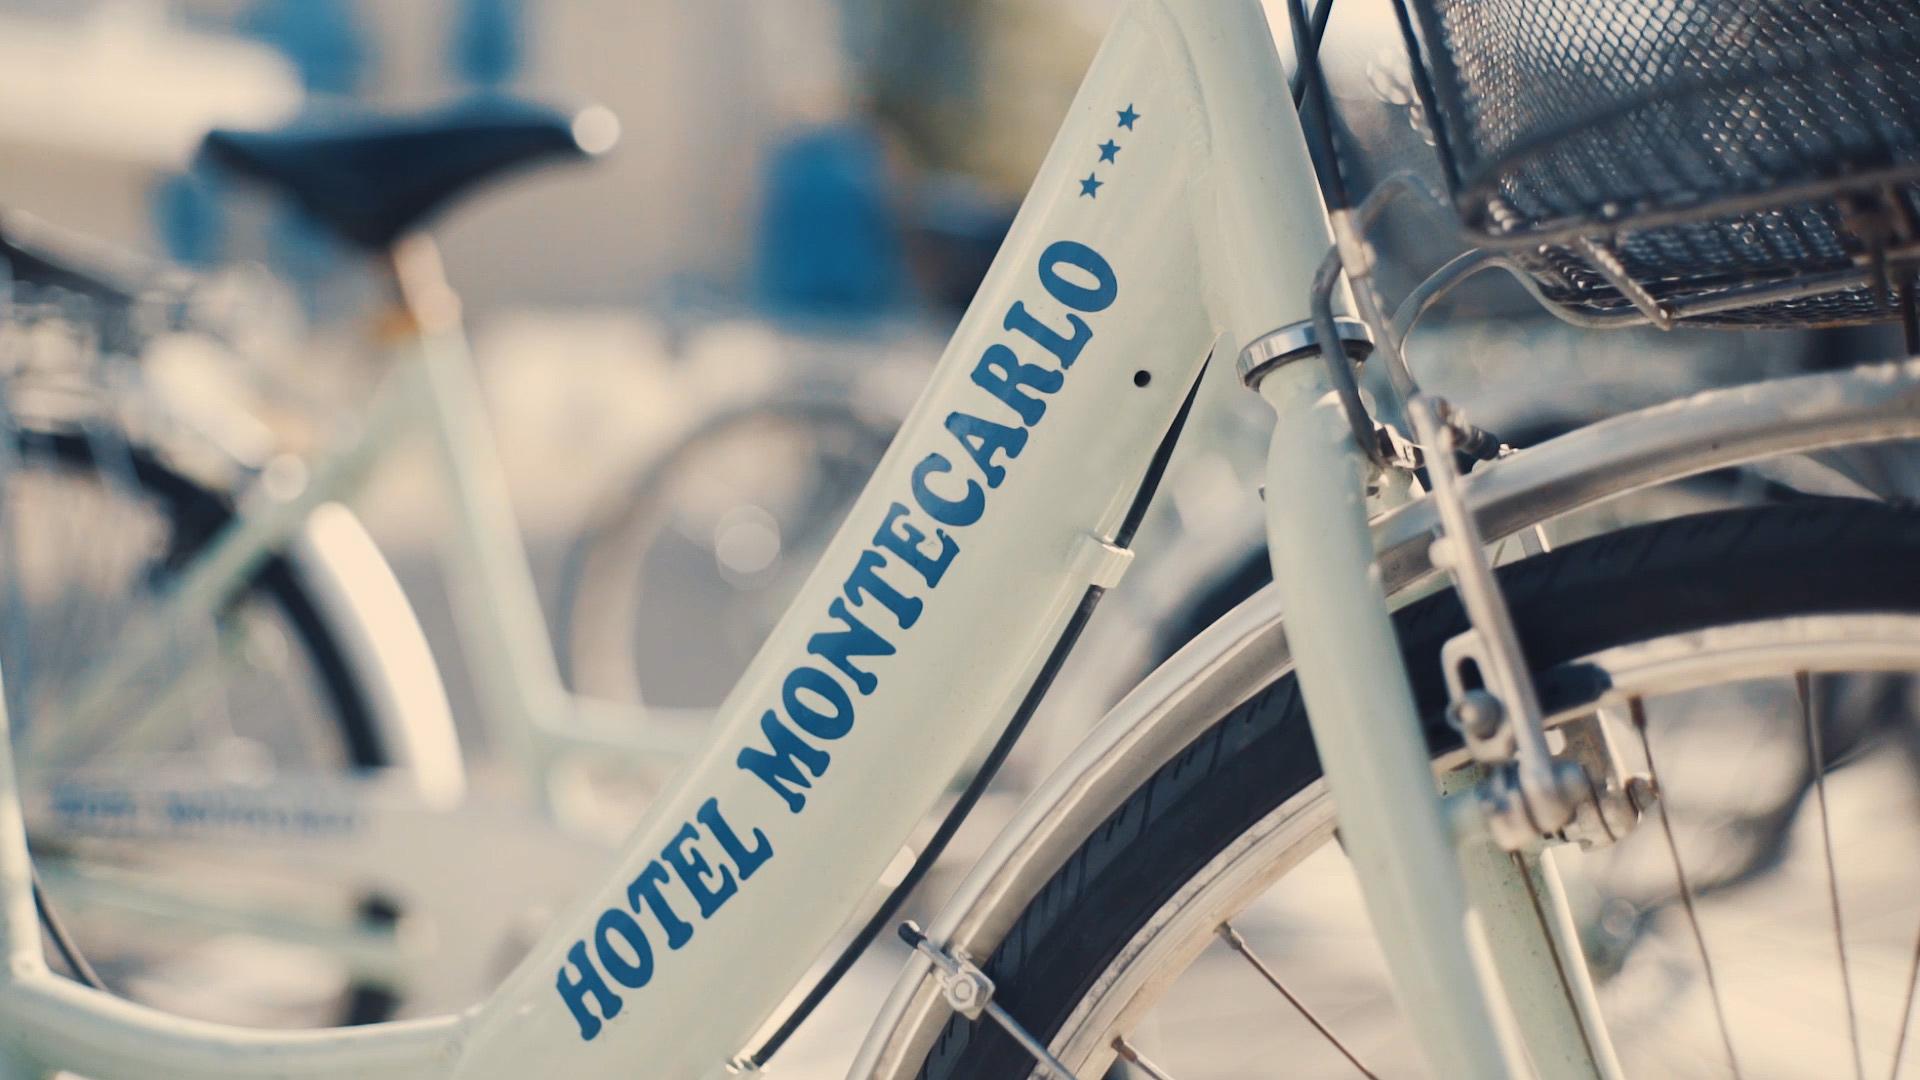 Hotel tre stelle frontemare a Caorle noleggio gratuito biciclette